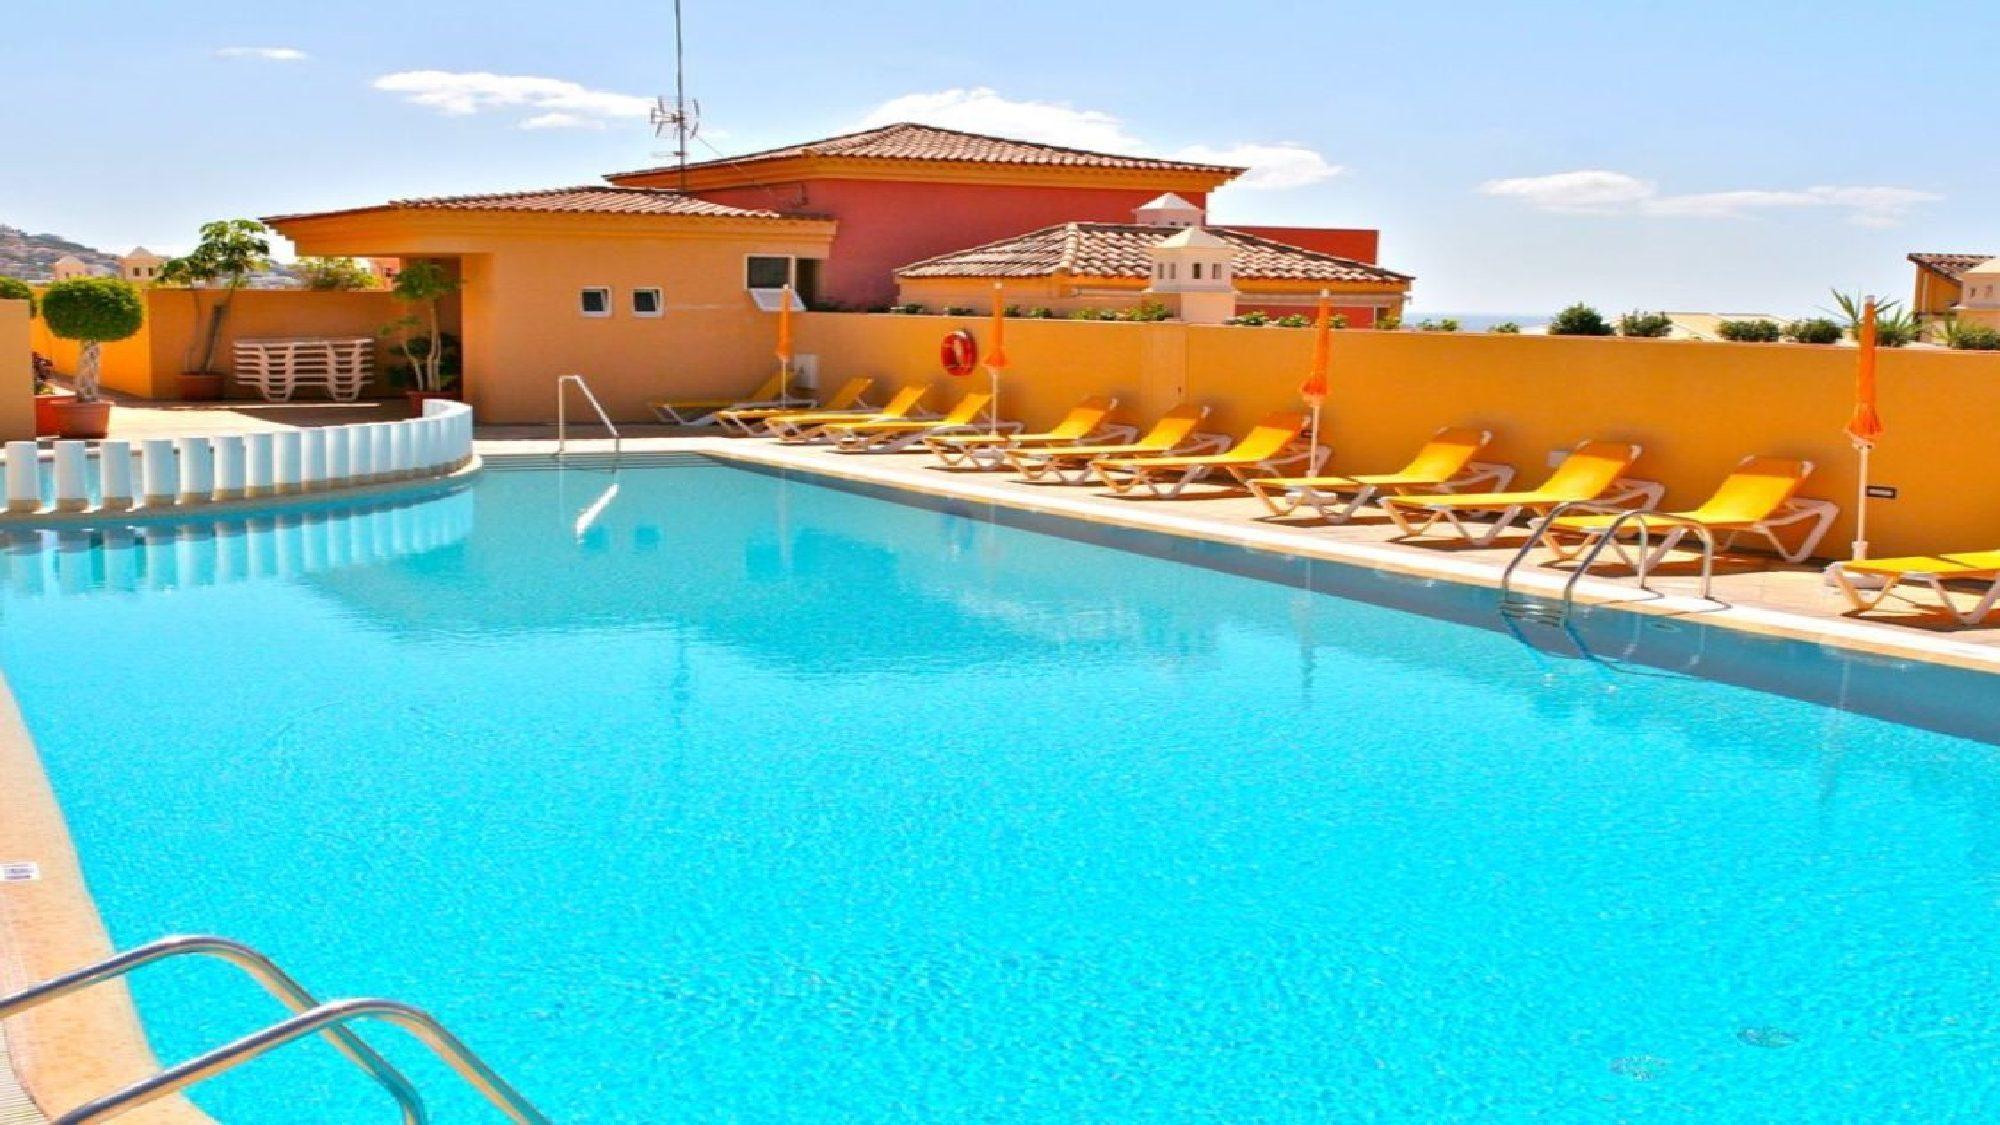 3 Bedroom Apartment in Tenerife for rent   Costa Adeje ...